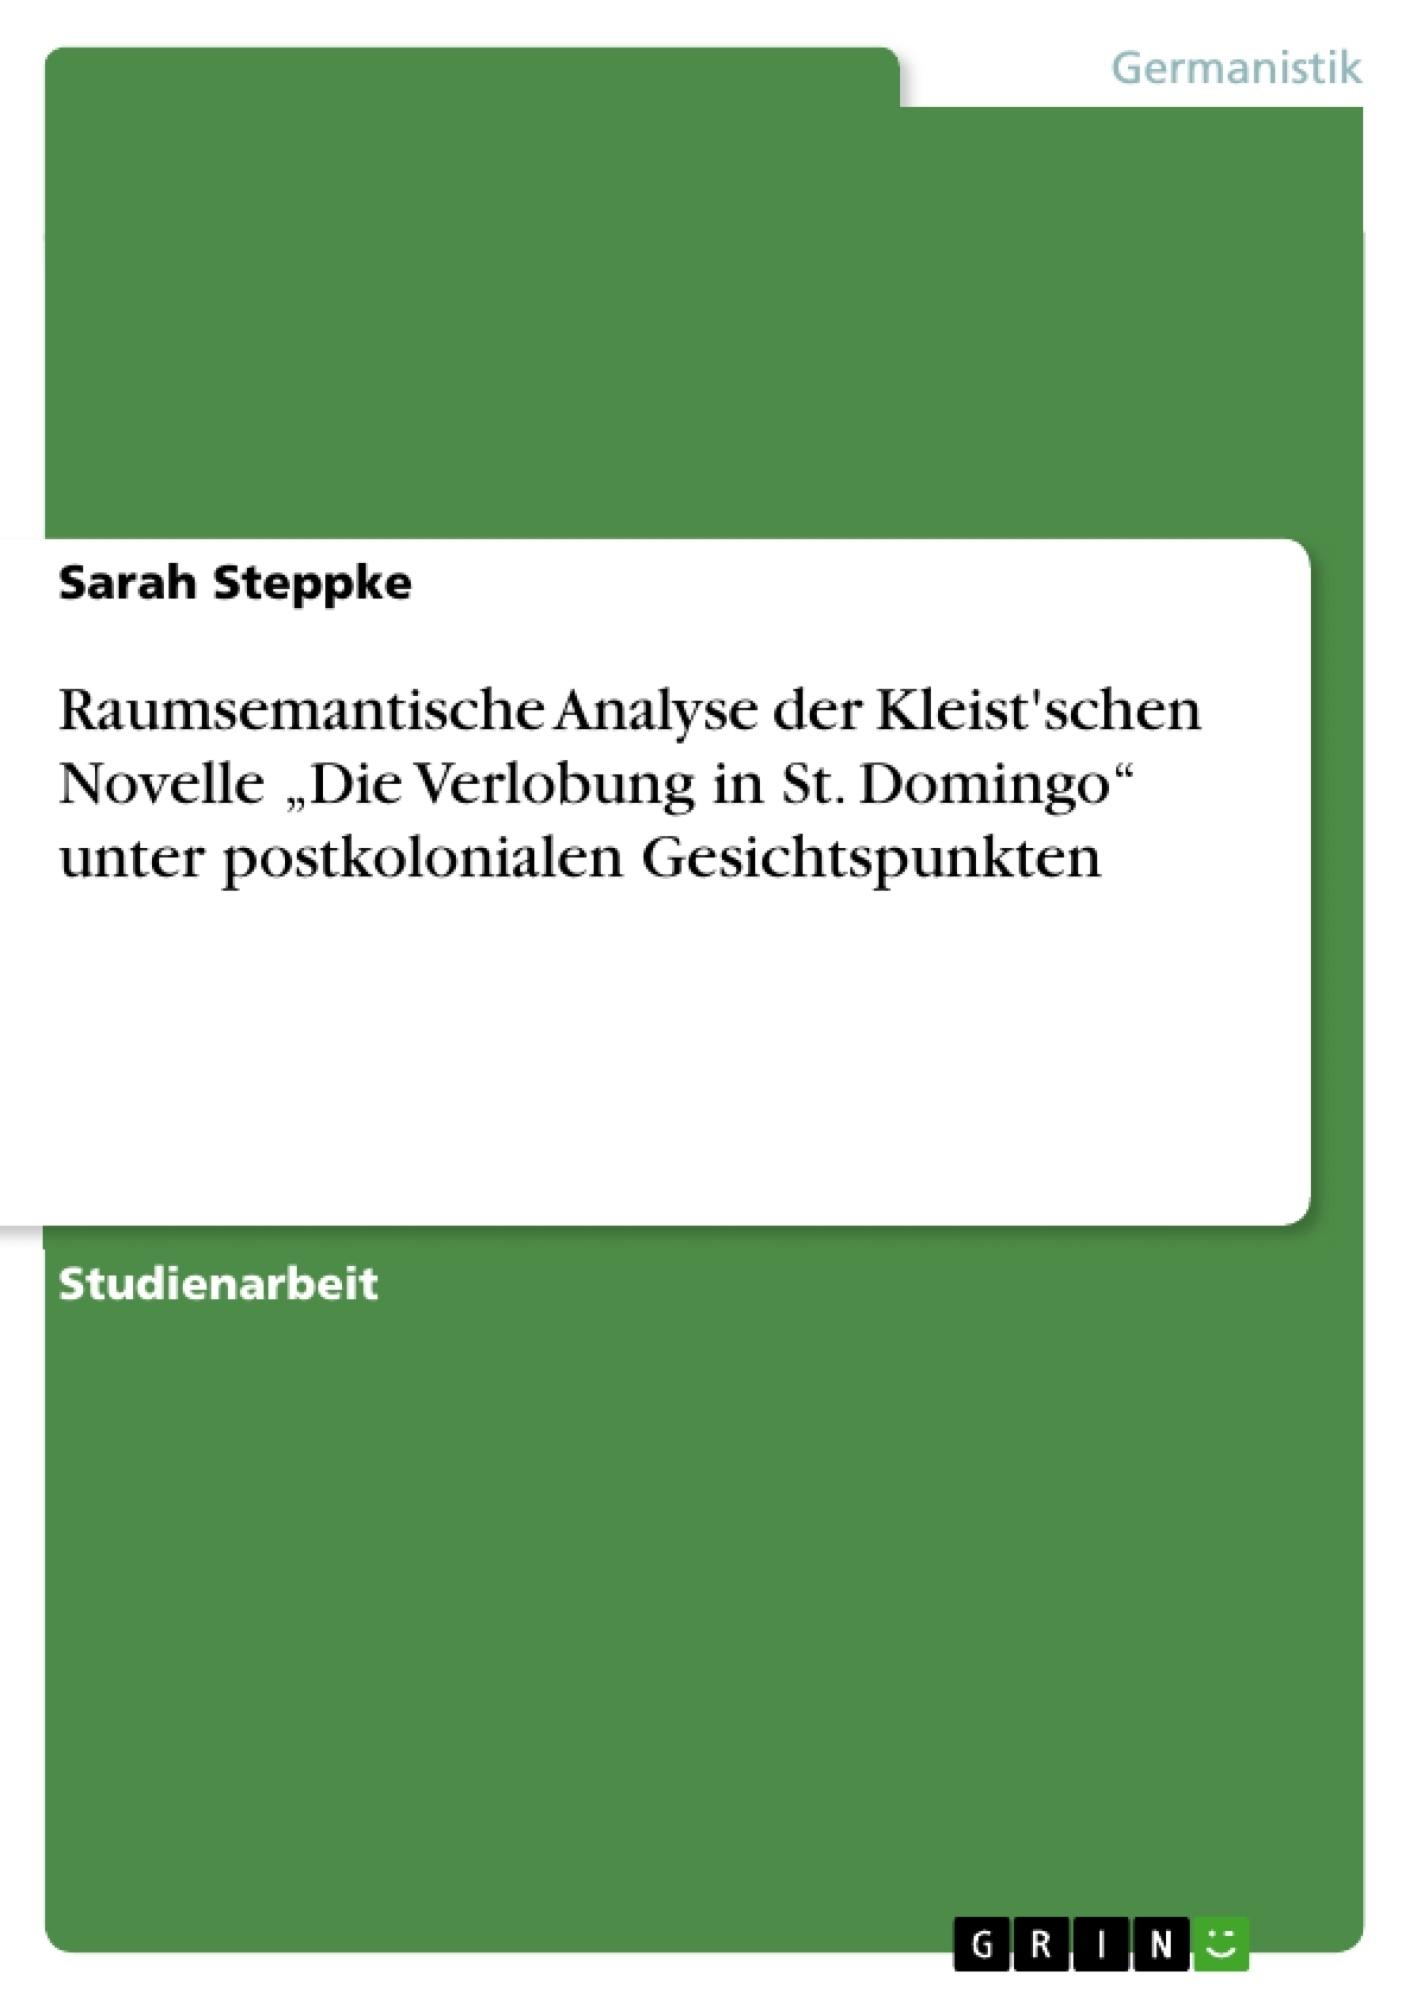 """Titel: Raumsemantische Analyse der Kleist'schen Novelle """"Die Verlobung in St. Domingo"""" unter postkolonialen Gesichtspunkten"""